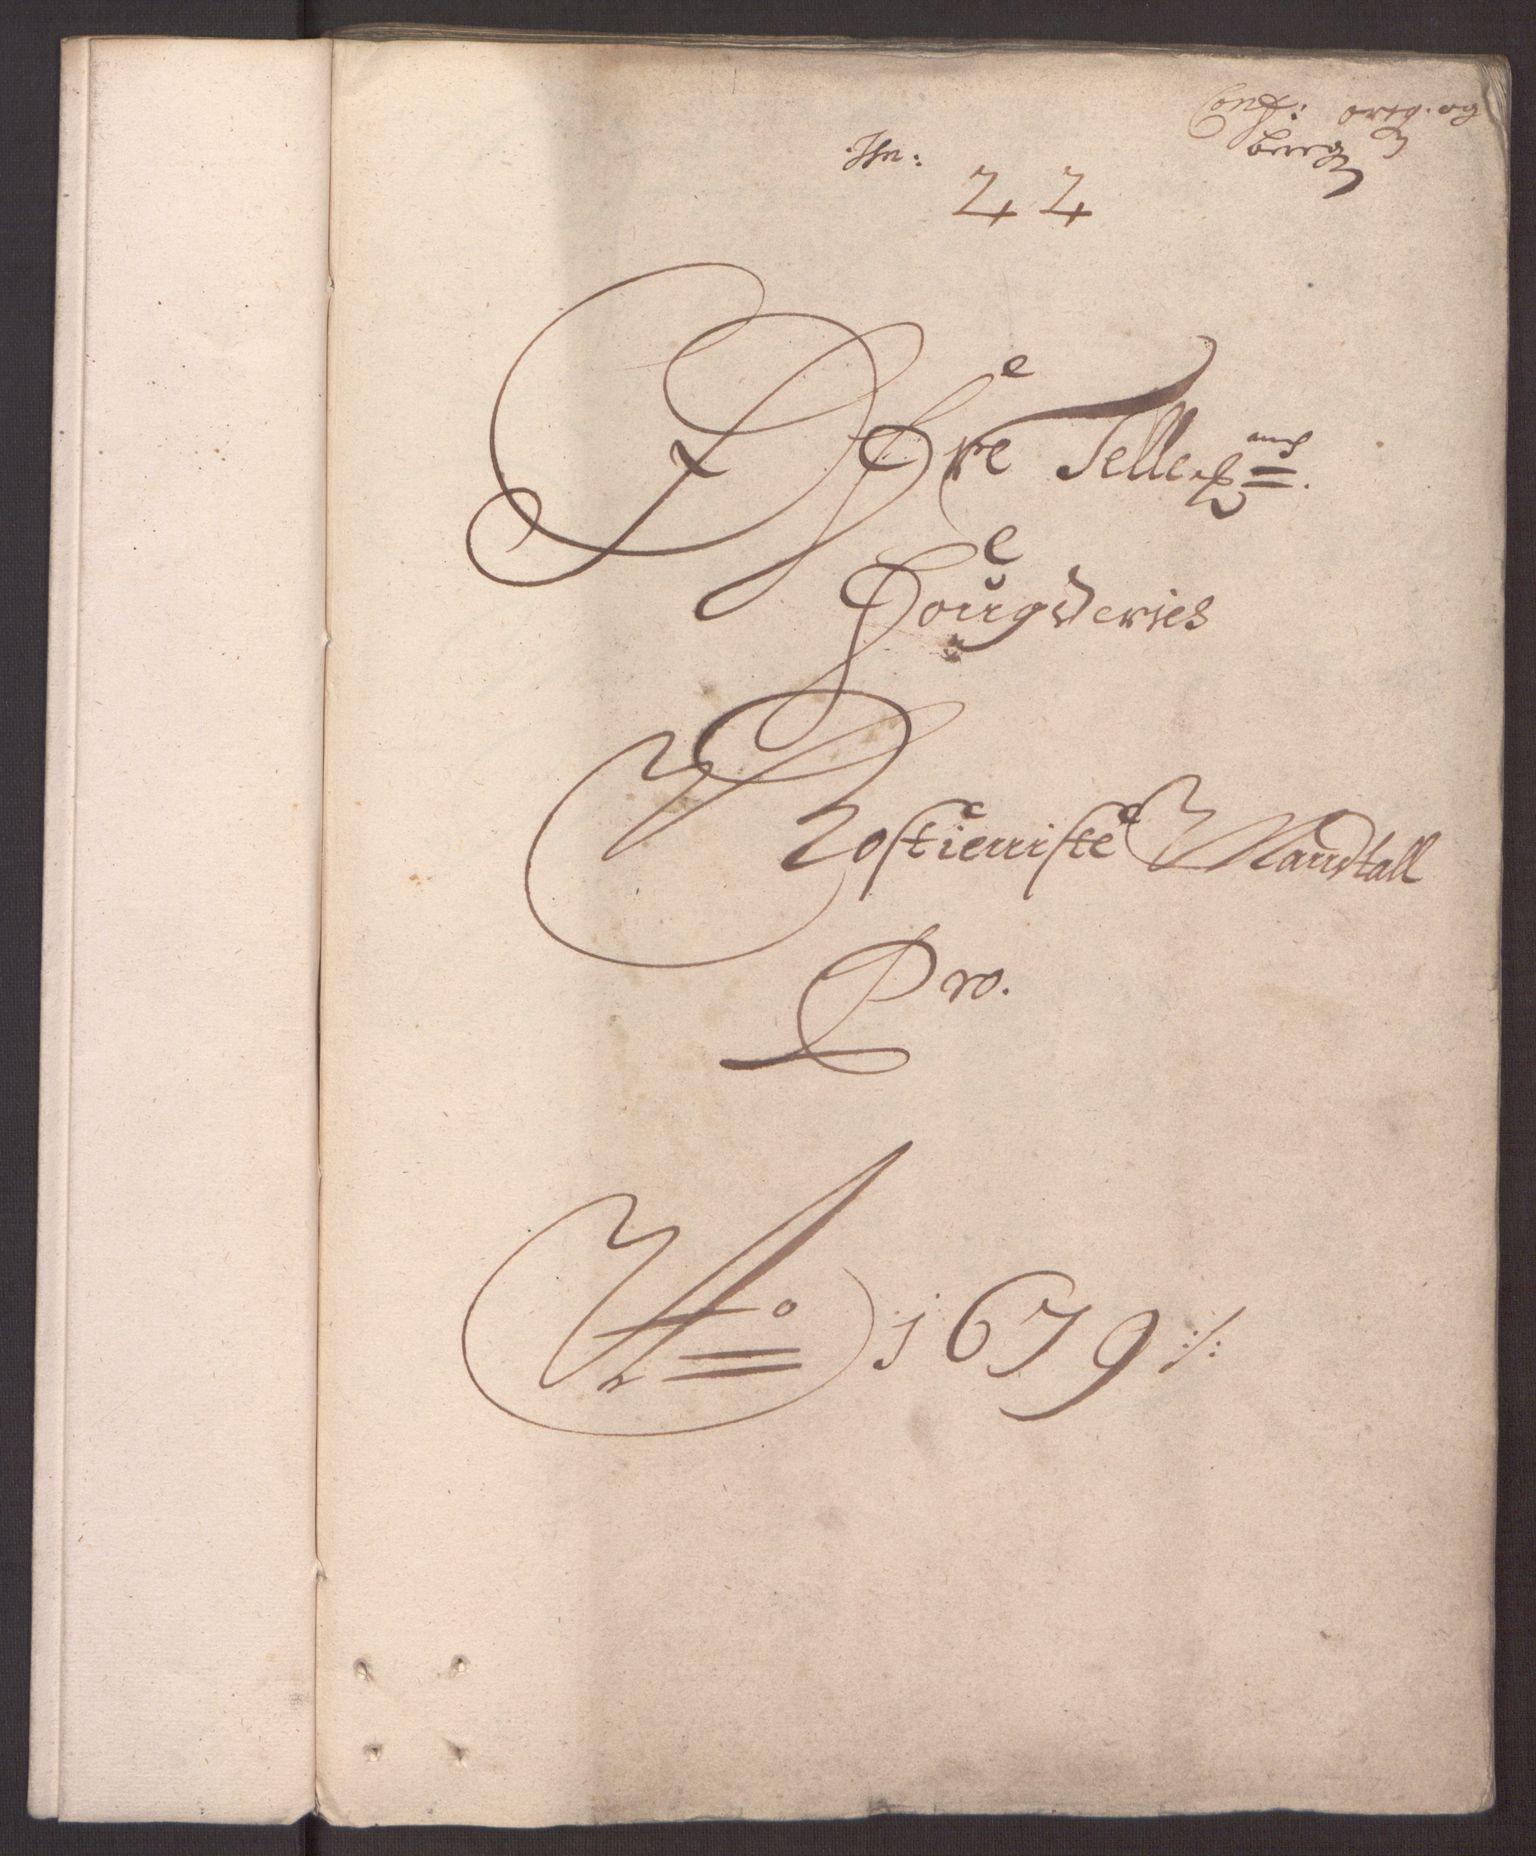 RA, Rentekammeret inntil 1814, Reviderte regnskaper, Fogderegnskap, R35/L2073: Fogderegnskap Øvre og Nedre Telemark, 1679, s. 168